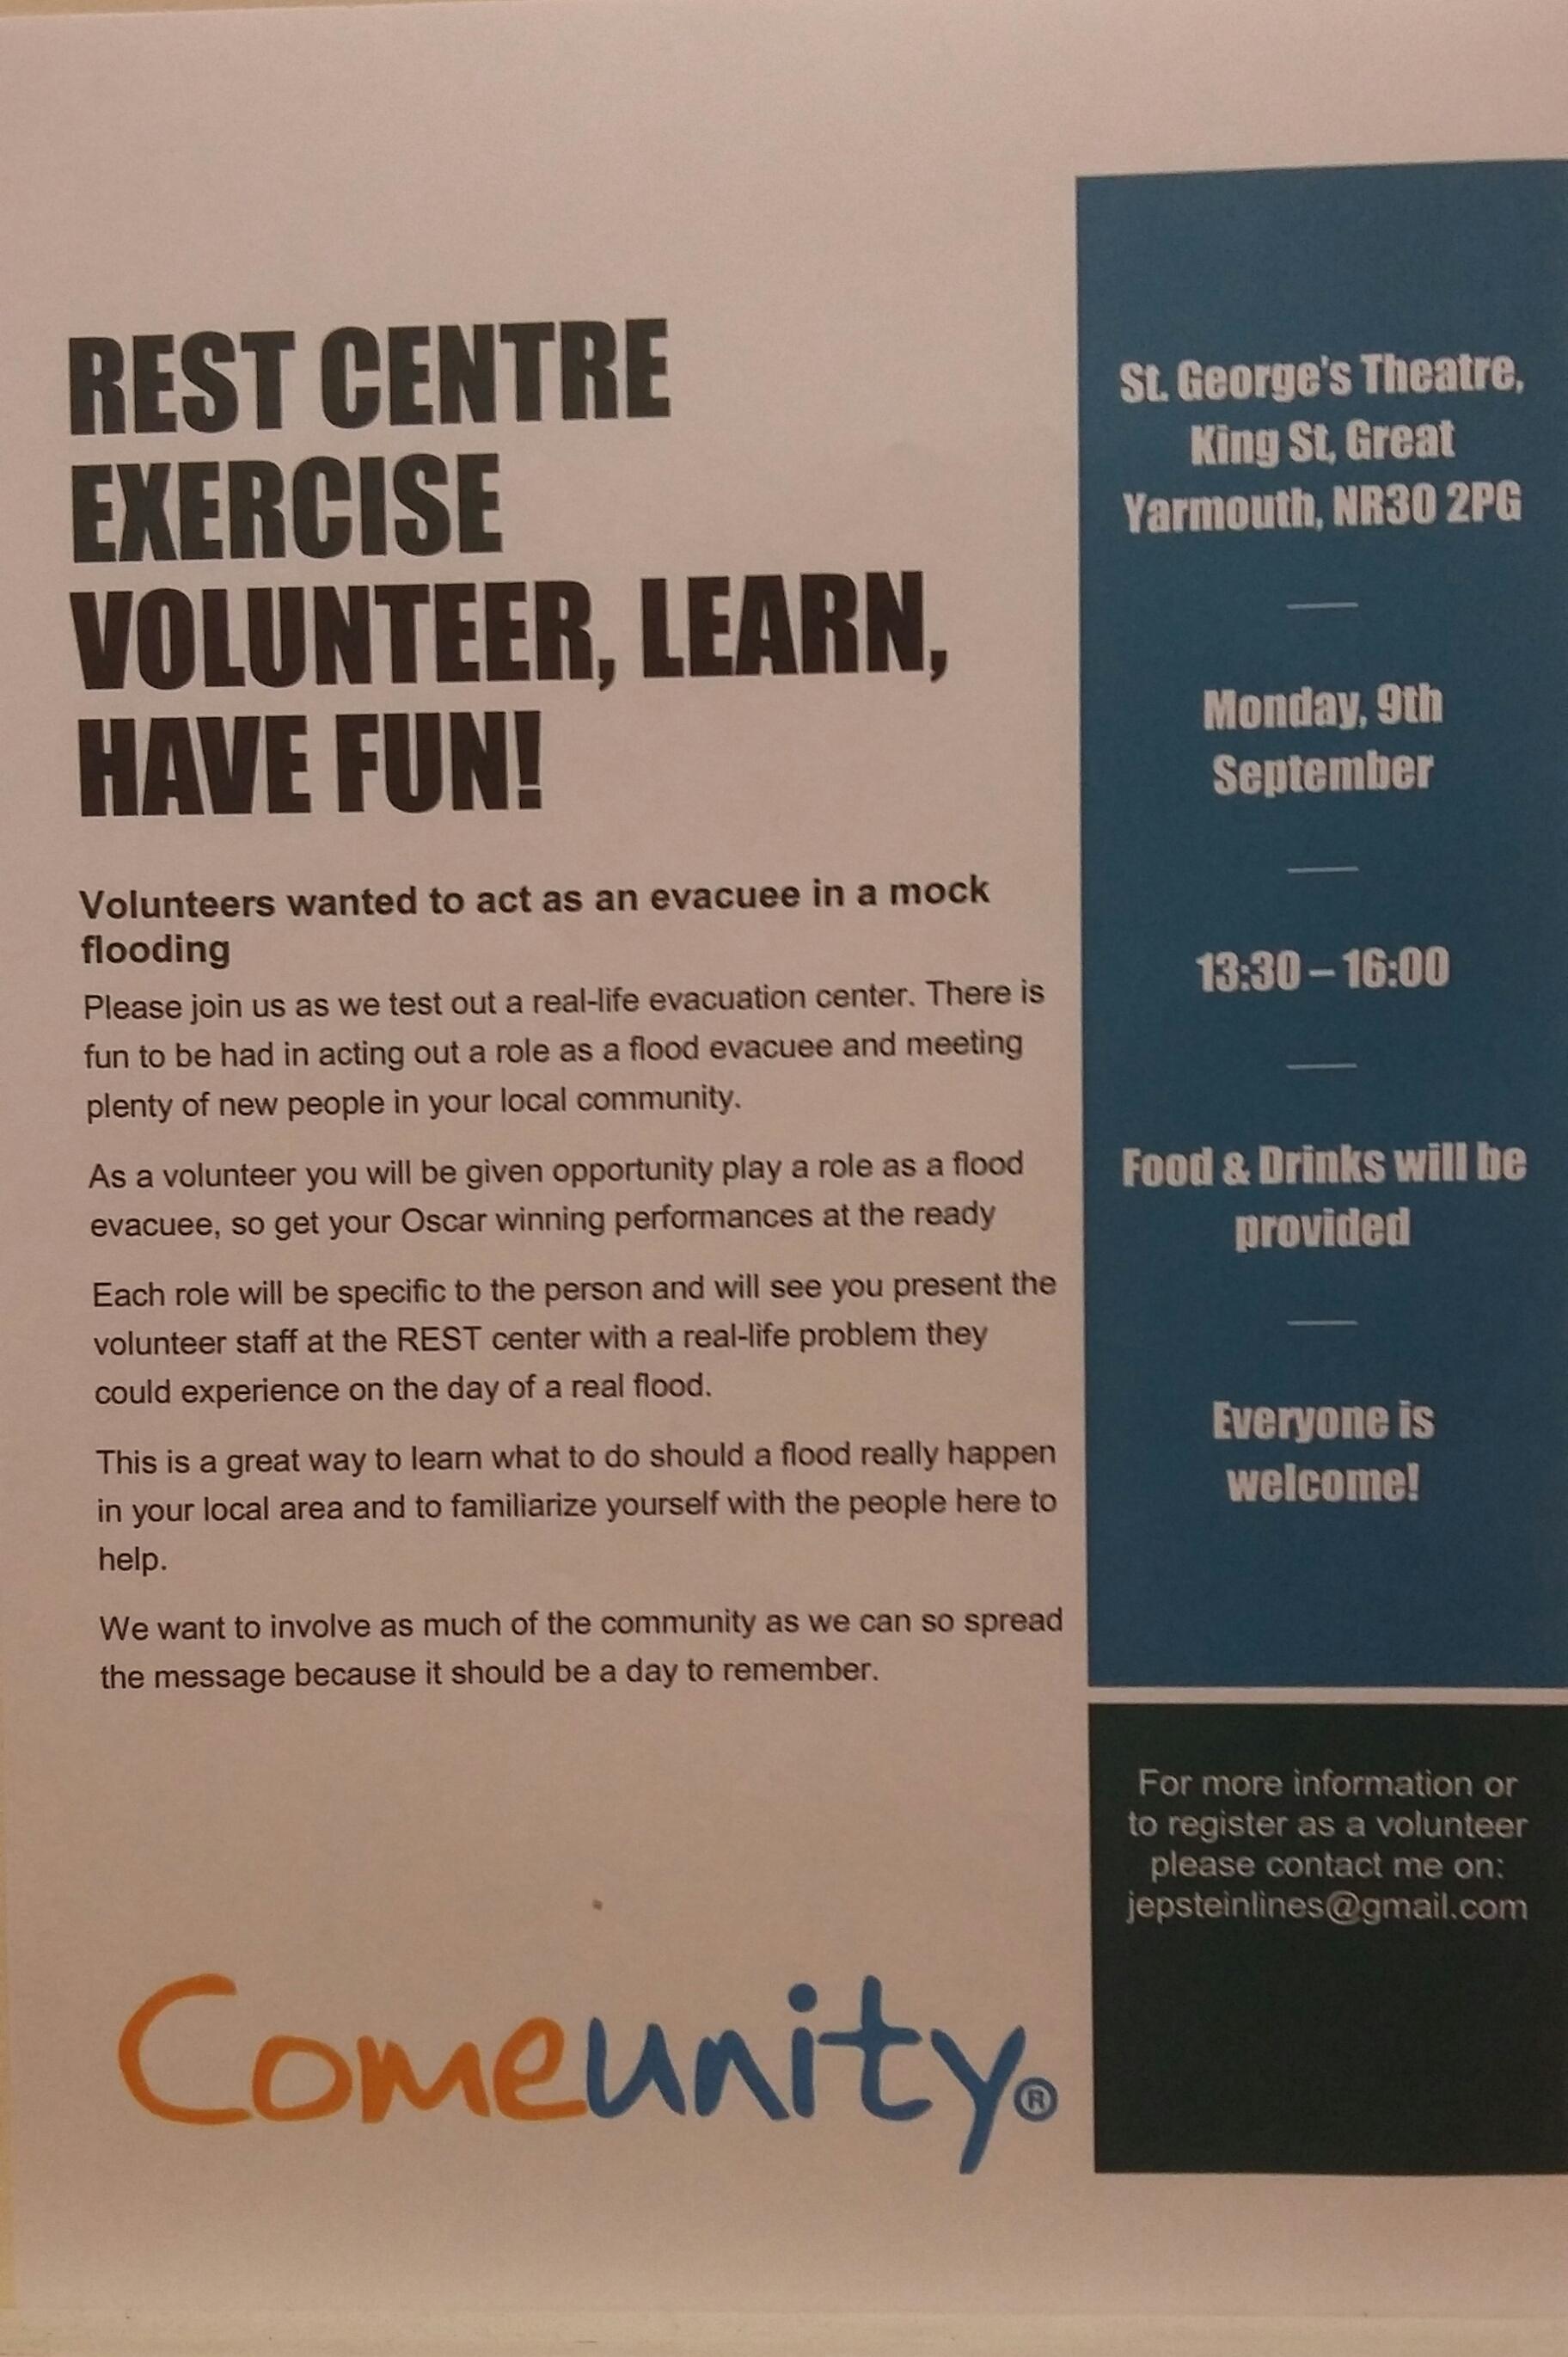 Rest Centre Exercise.jpg